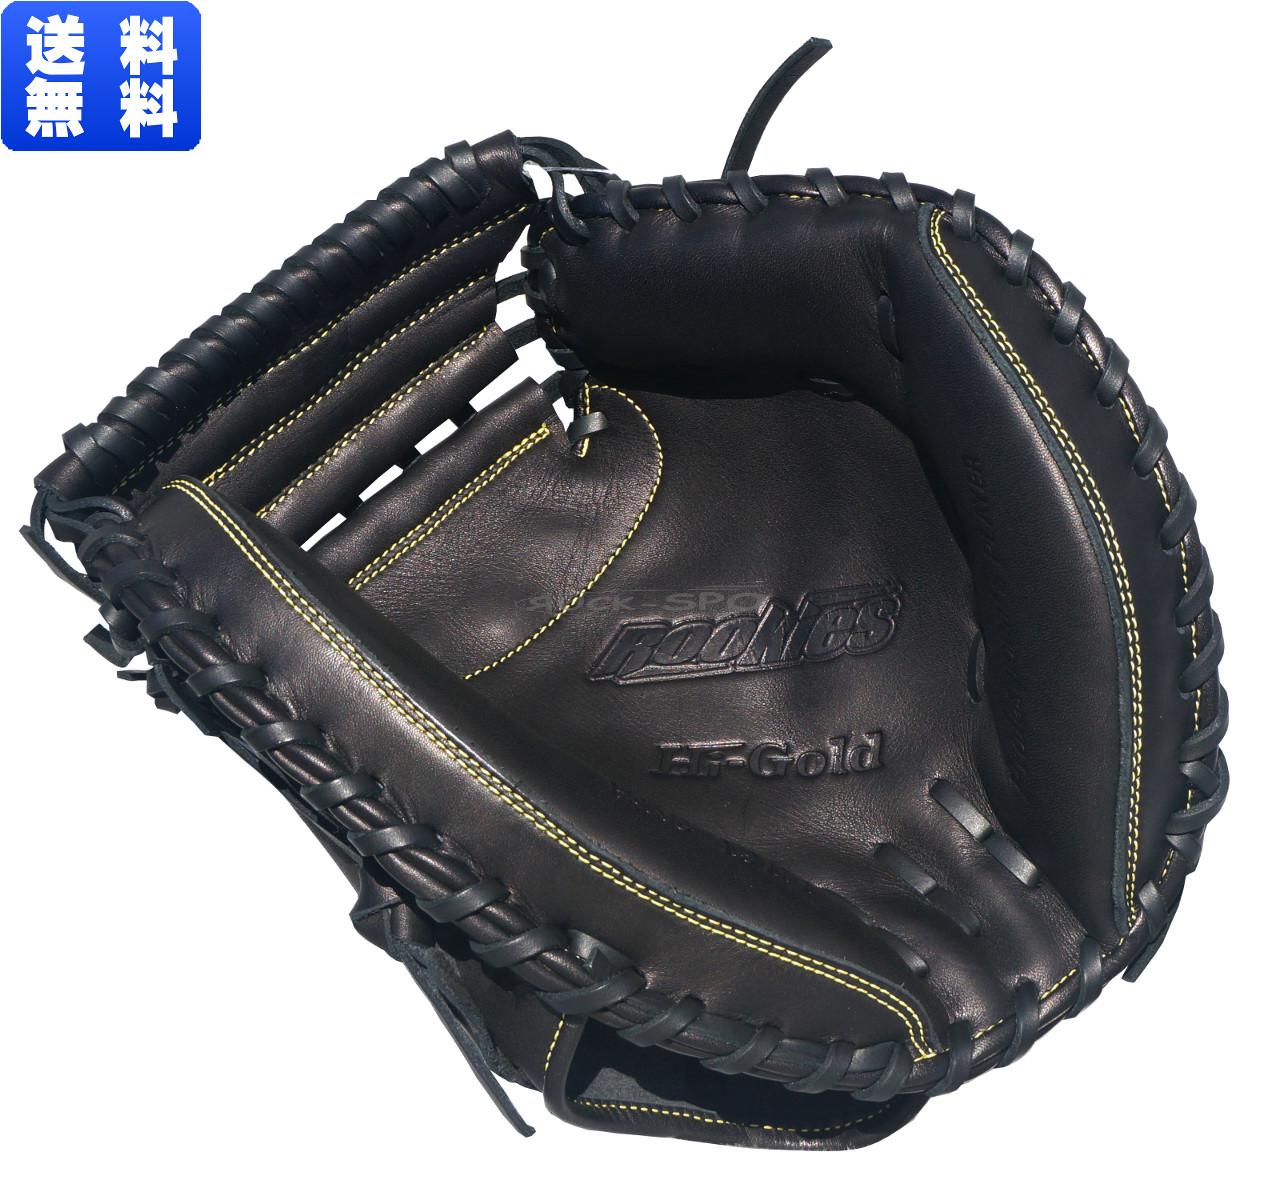 送料無料 2018年モデル ハイゴールド HI-GOLD 捕手用 軟式 ミット グローブ ブラック 黒 少年 野球 RKG191M